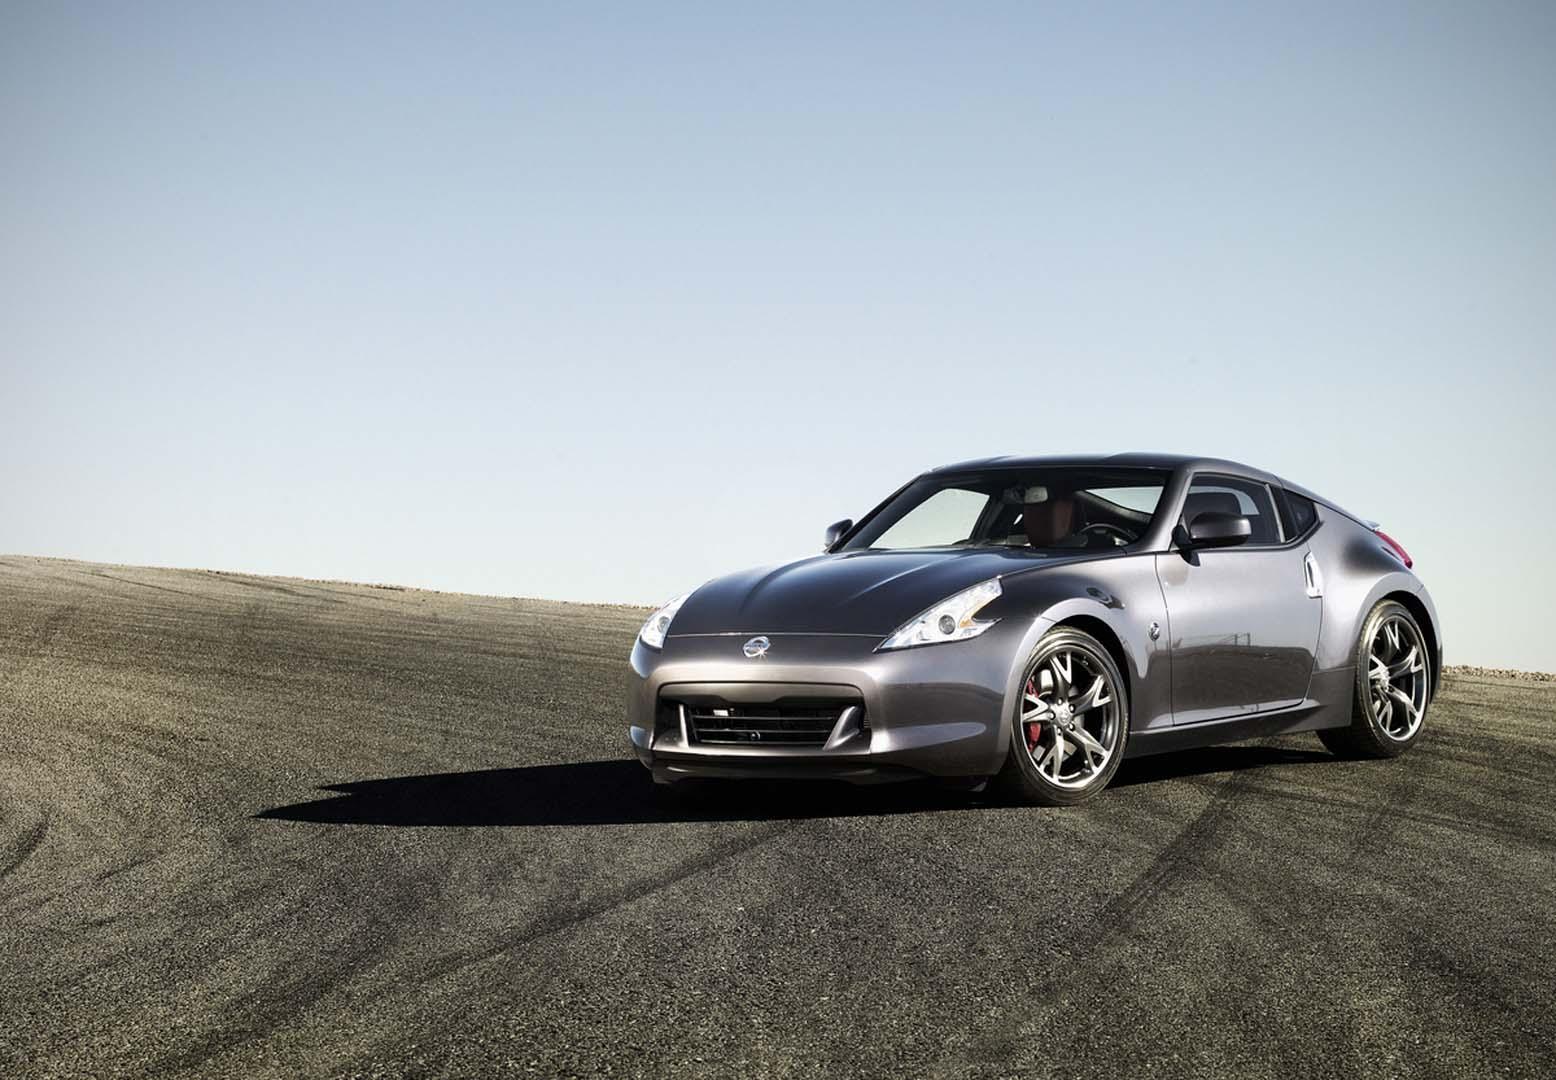 Η εξέλιξη των μοντέλων«Ζ» της Nissan